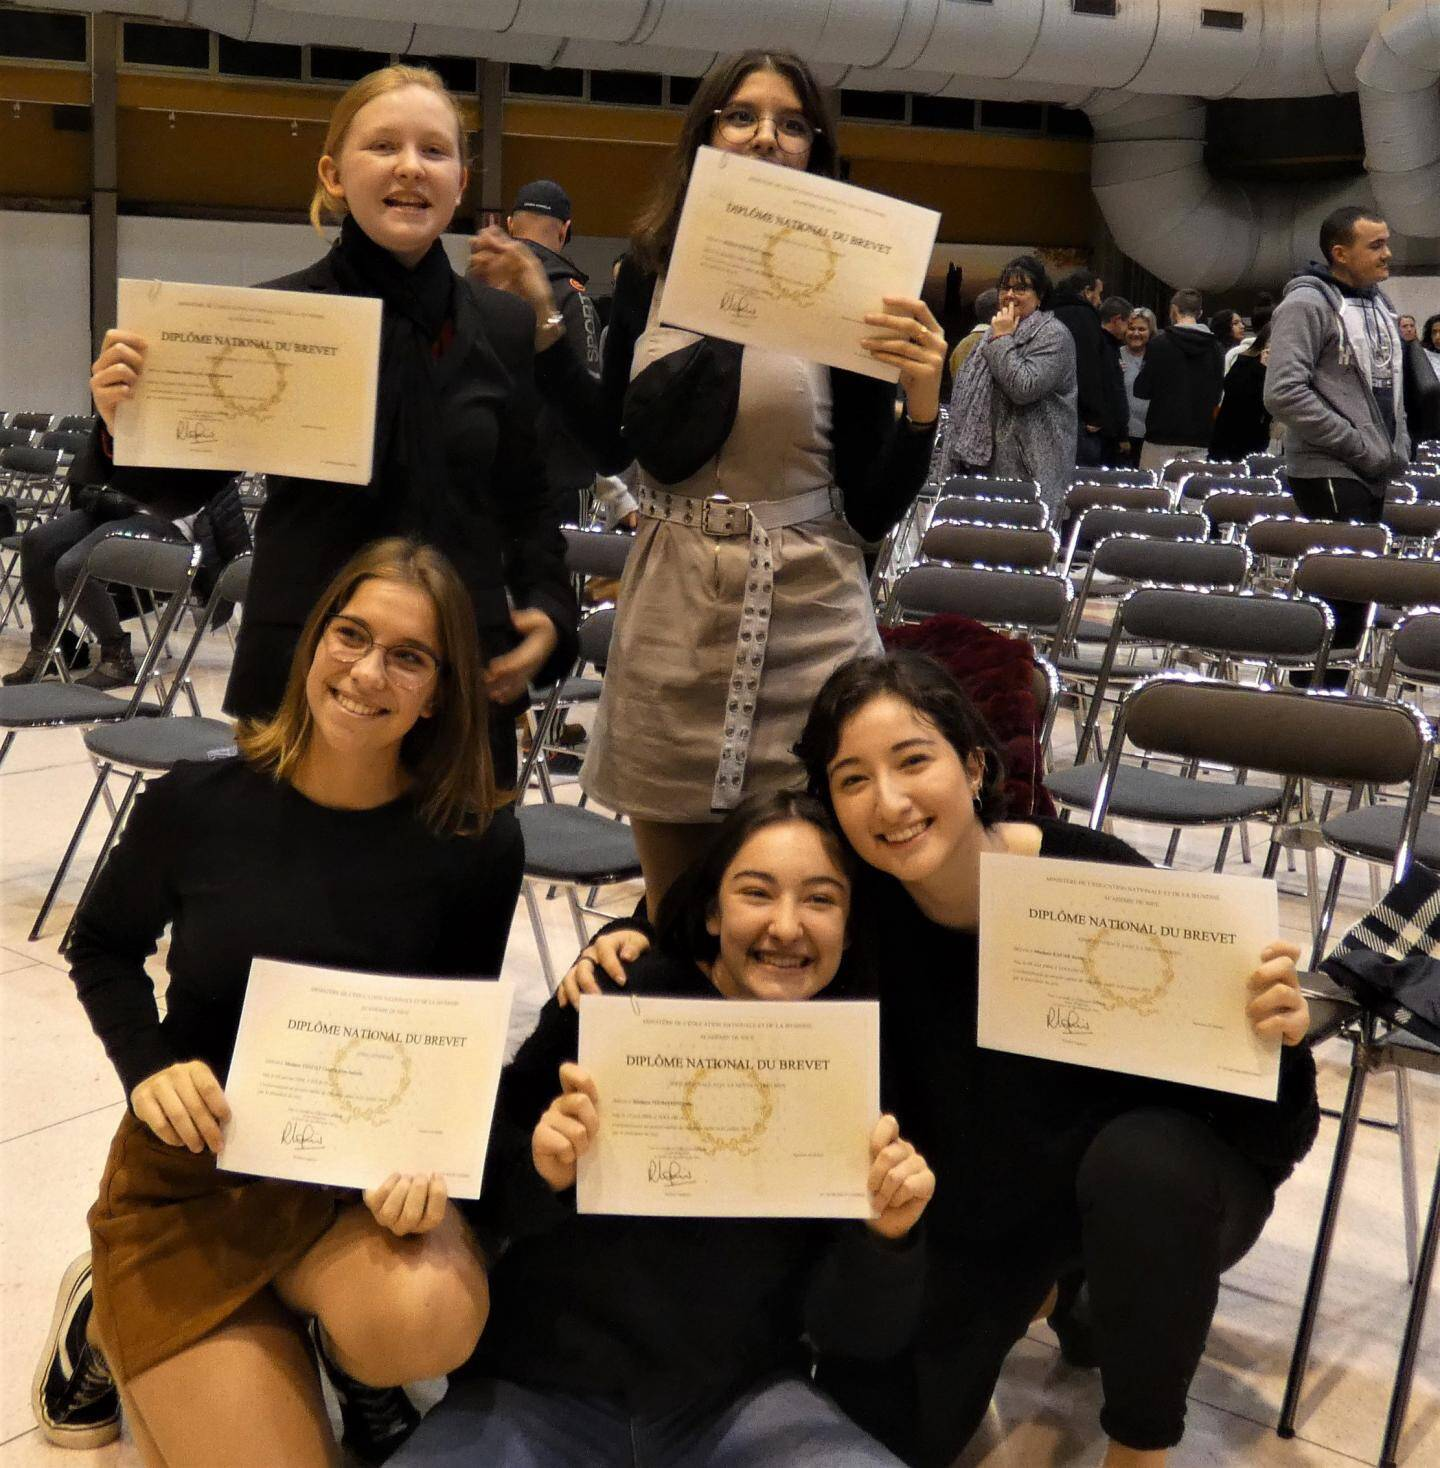 Des copines heureuses de se retrouver et fières de leurs diplômes.